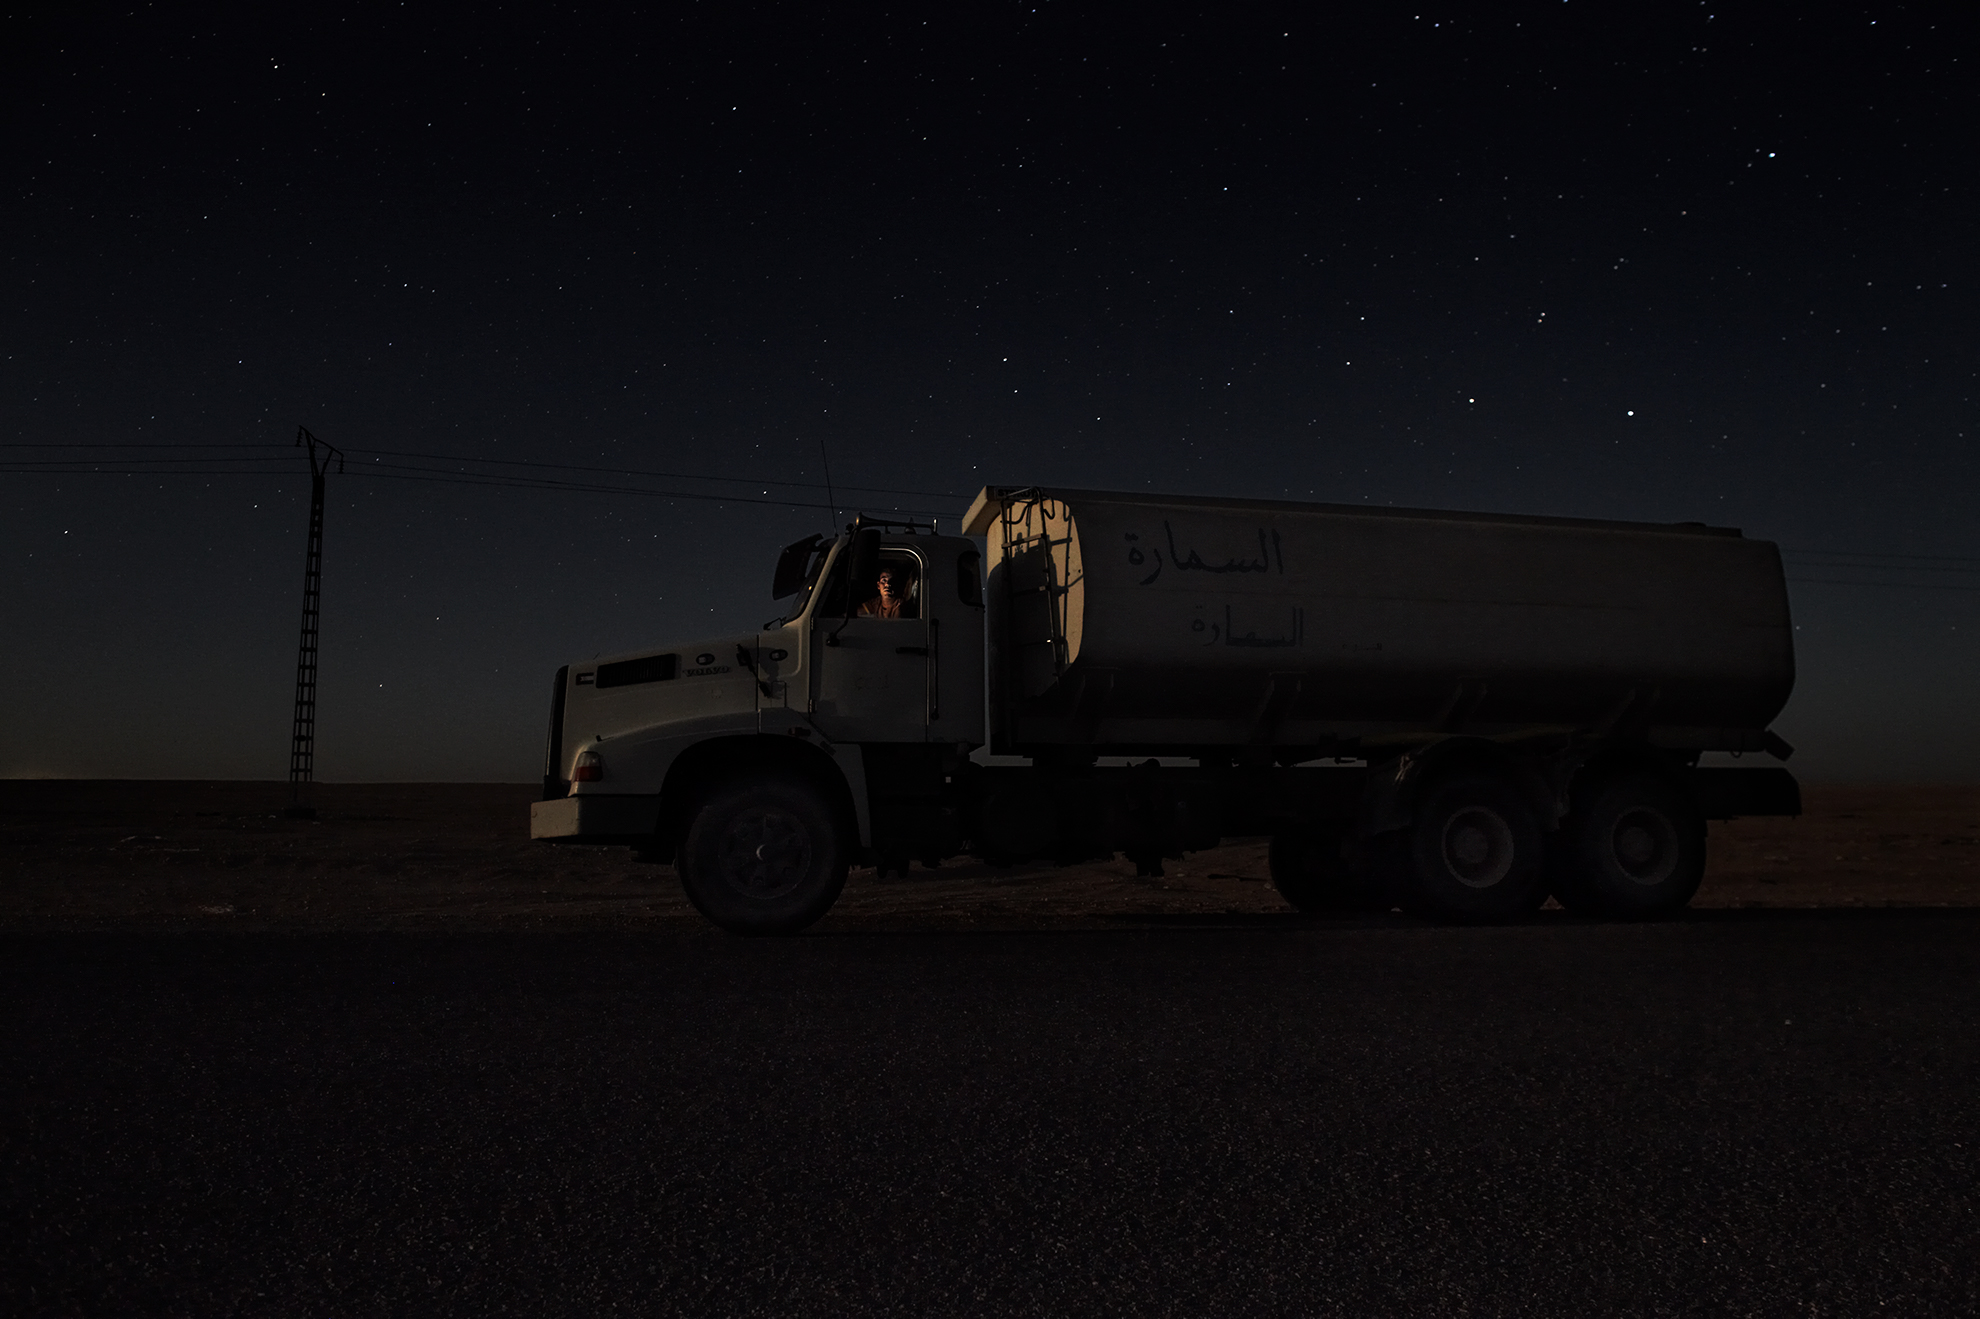 Abdullah Kheylanie, de 30 años, conductor de un camión de agua, fotografiado en la carretera a las afueras del campamento de refugiados de Smara (Argelia).